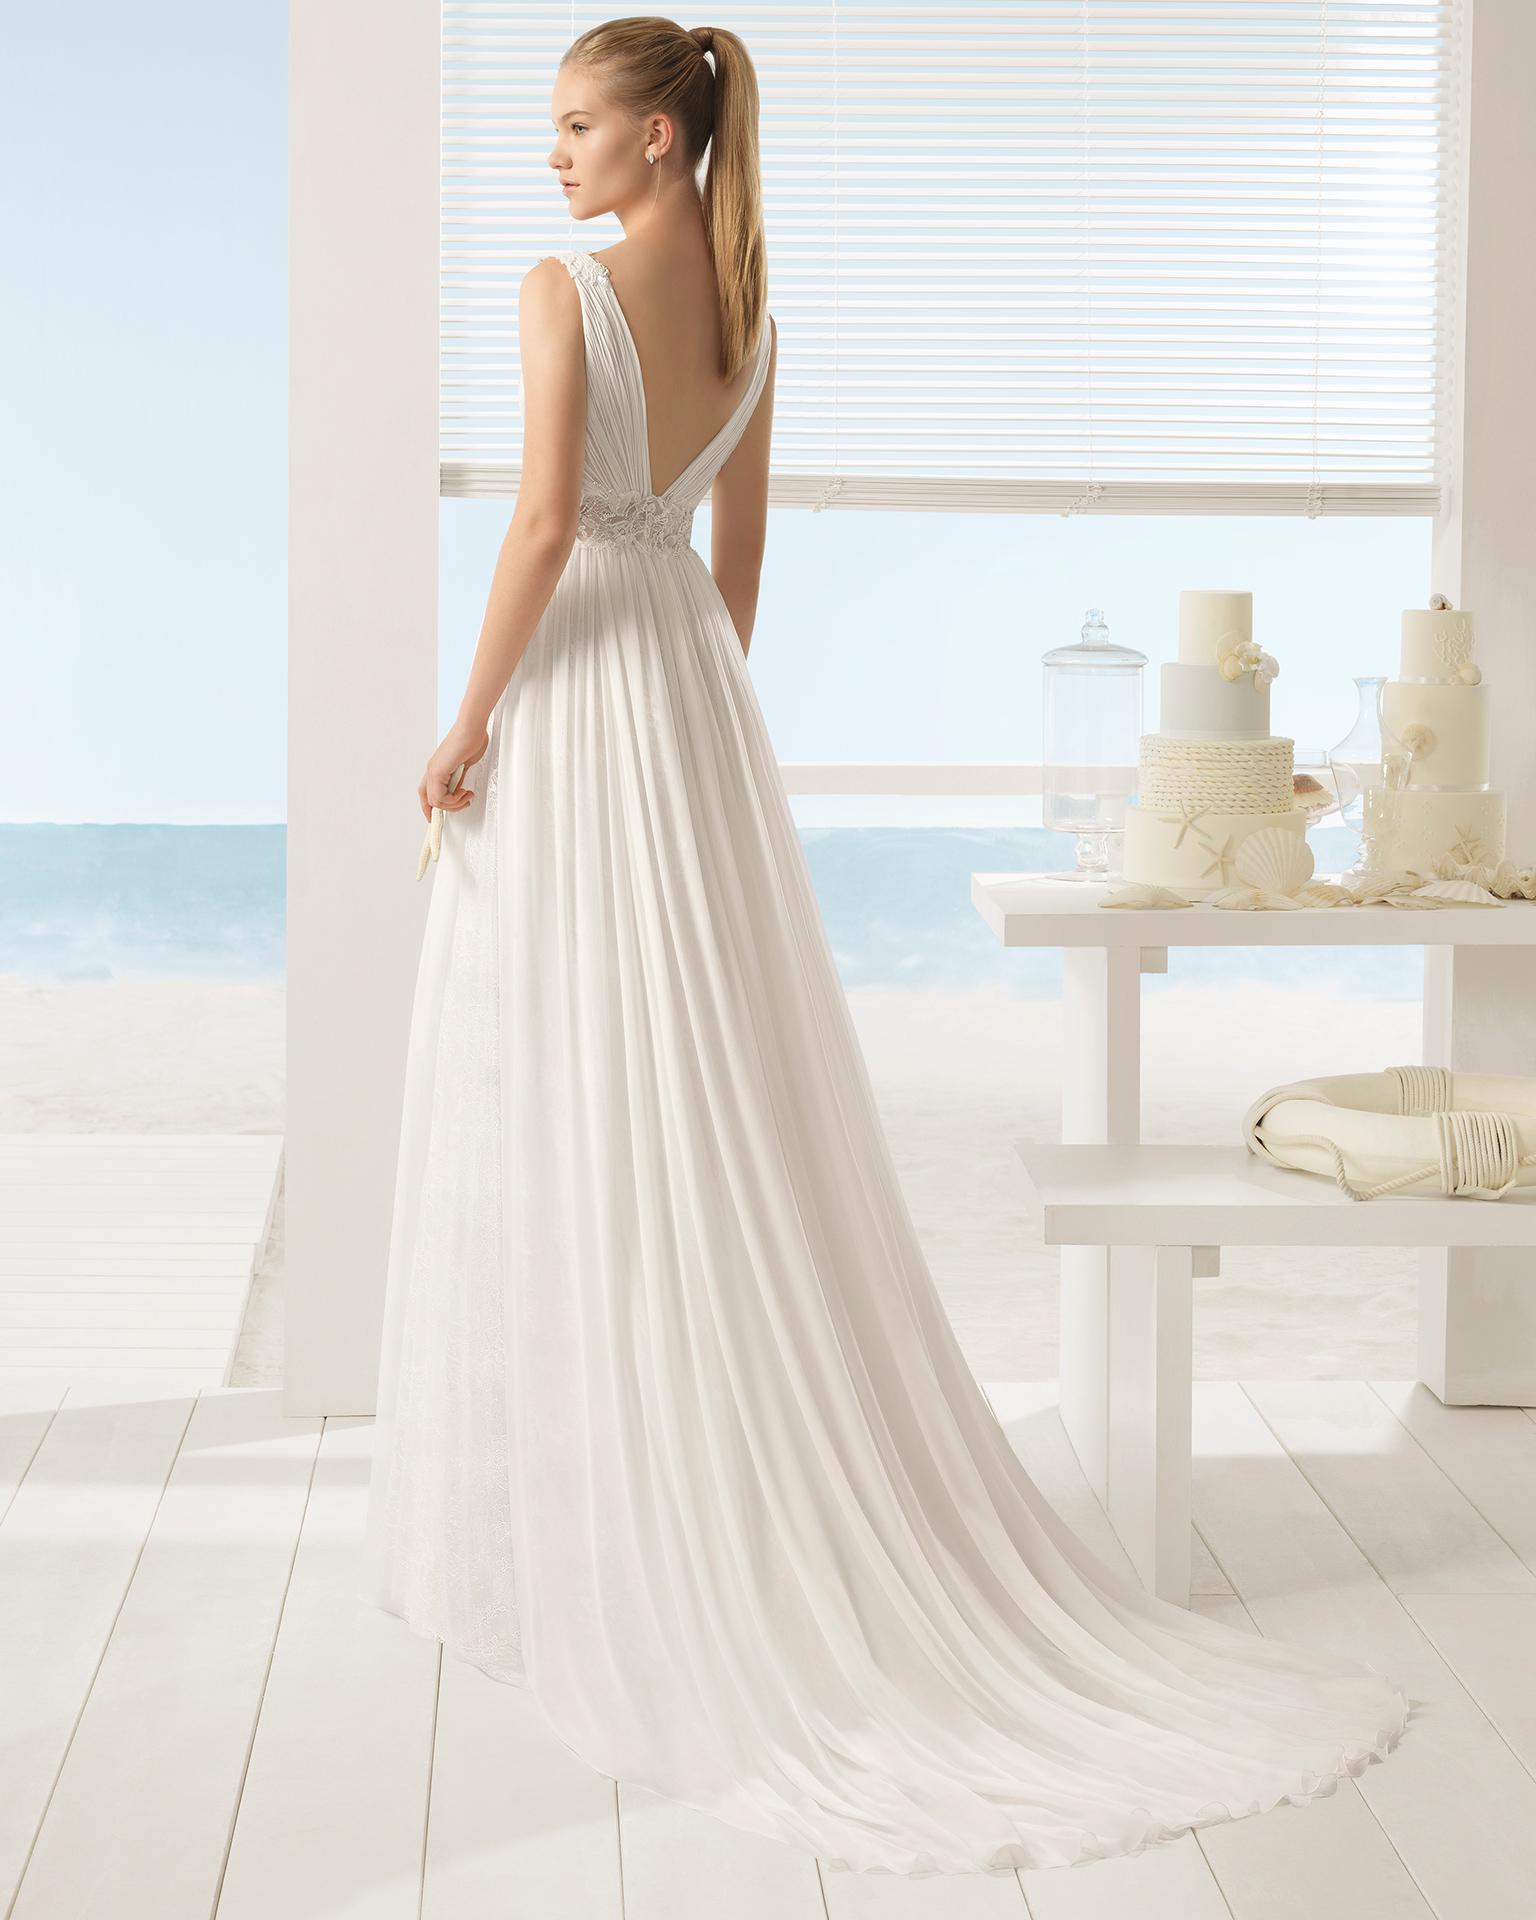 فستان زفاف ذو نمط بوهيمي من الشيفون الحريري مع تقويرة على شكل